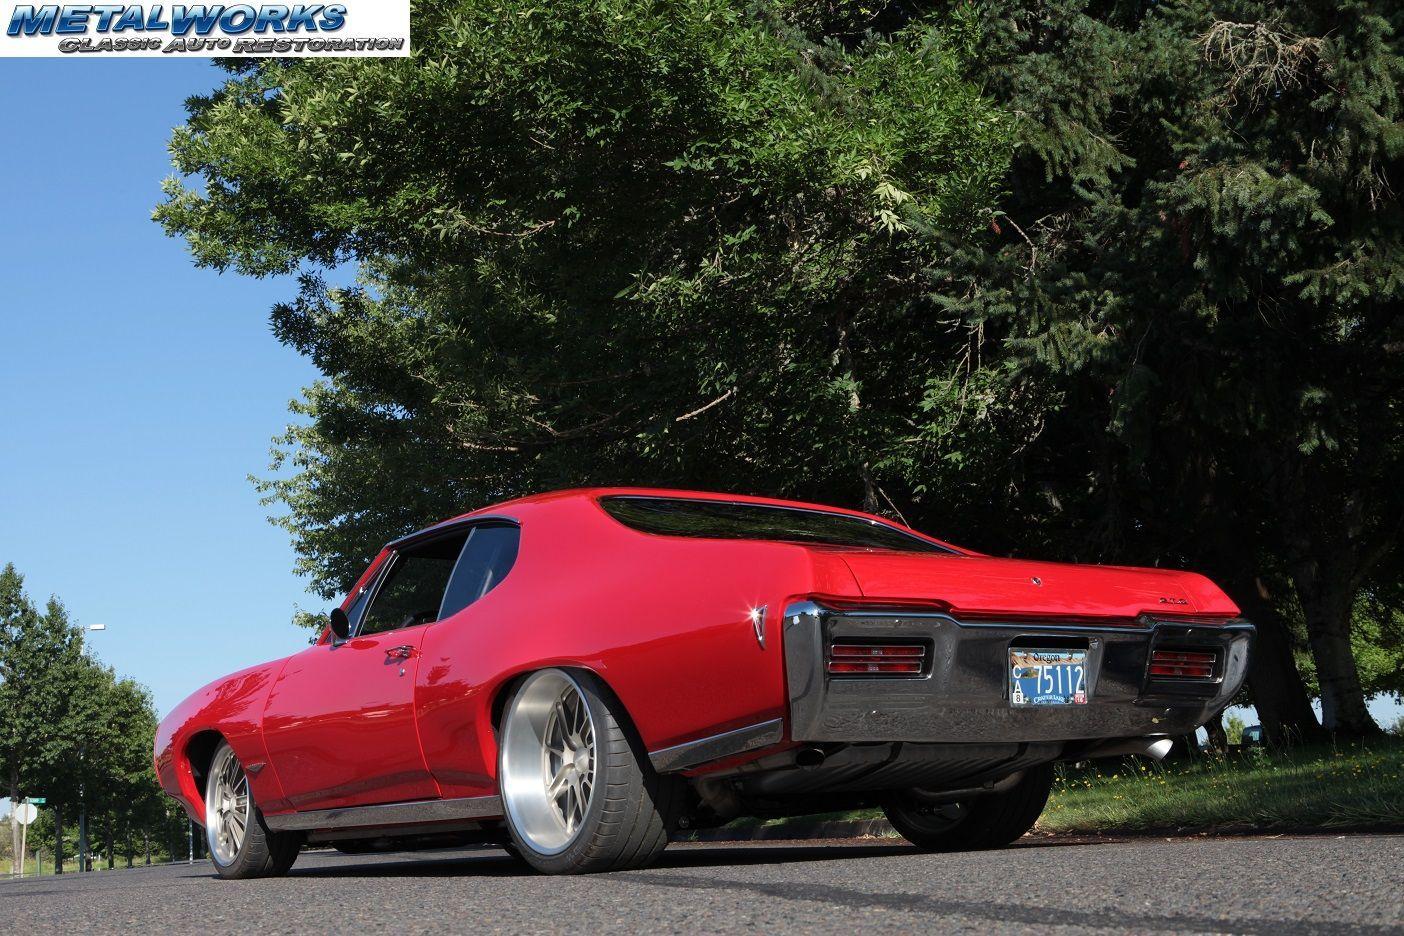 1968 Pontiac GTO | MetalWorks 1968 Pro-Touring GTO build - Rear Angle Shot